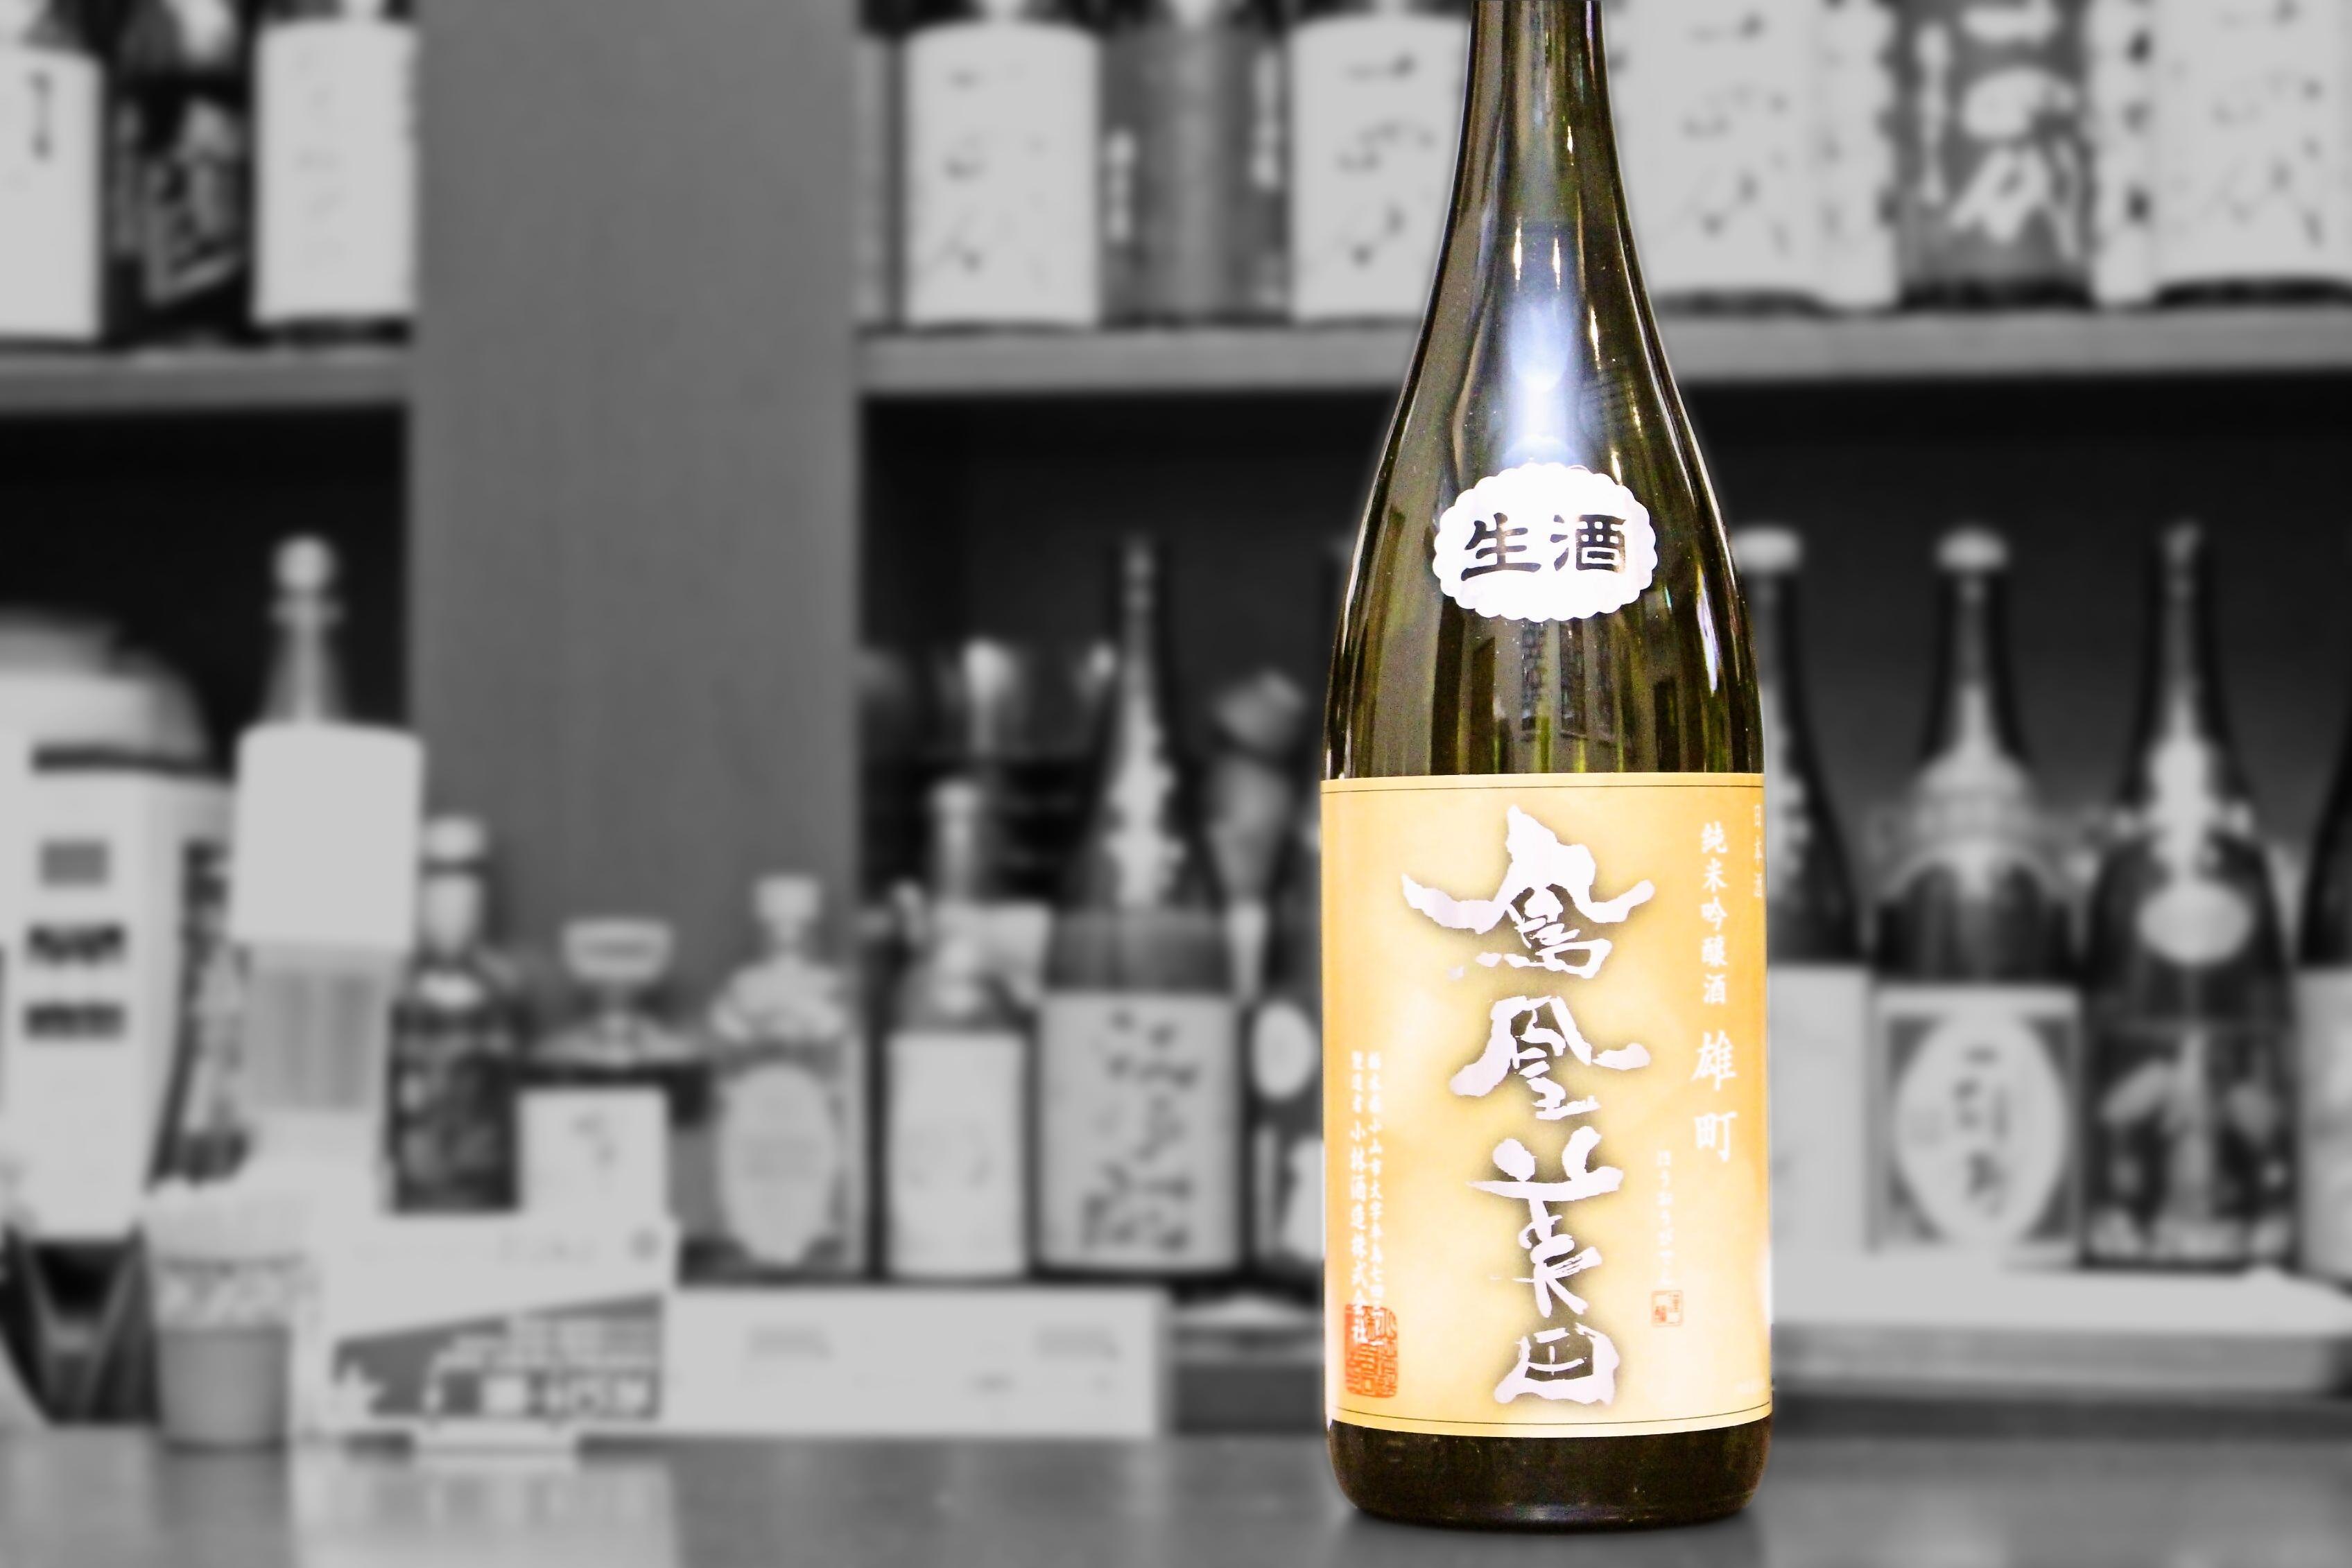 鳳凰美田大地純米吟醸雄町202004-001